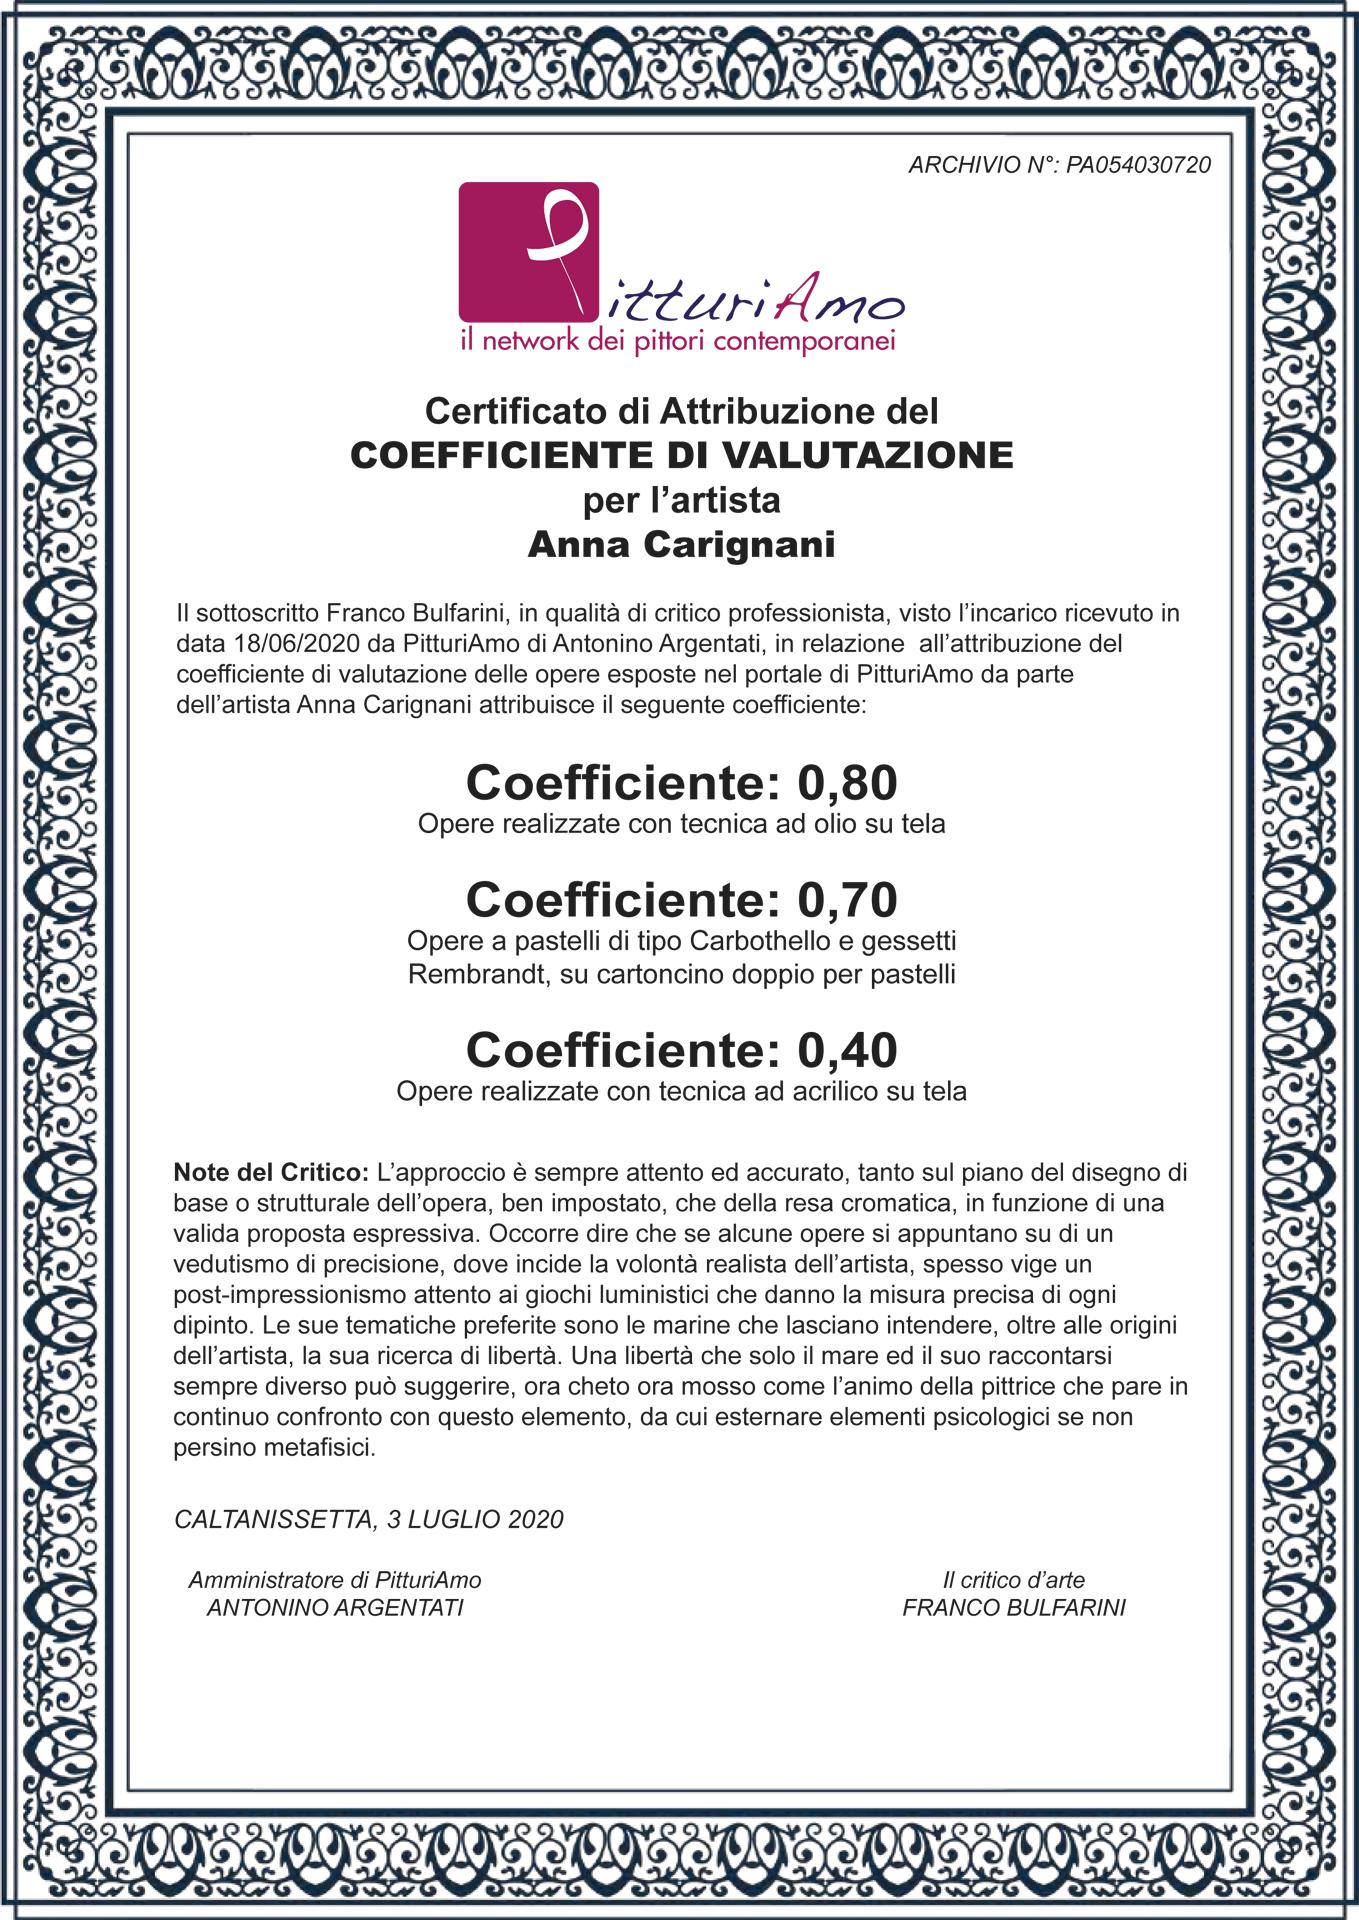 Certificazione del Coefficiente artistico di Anna Carignani